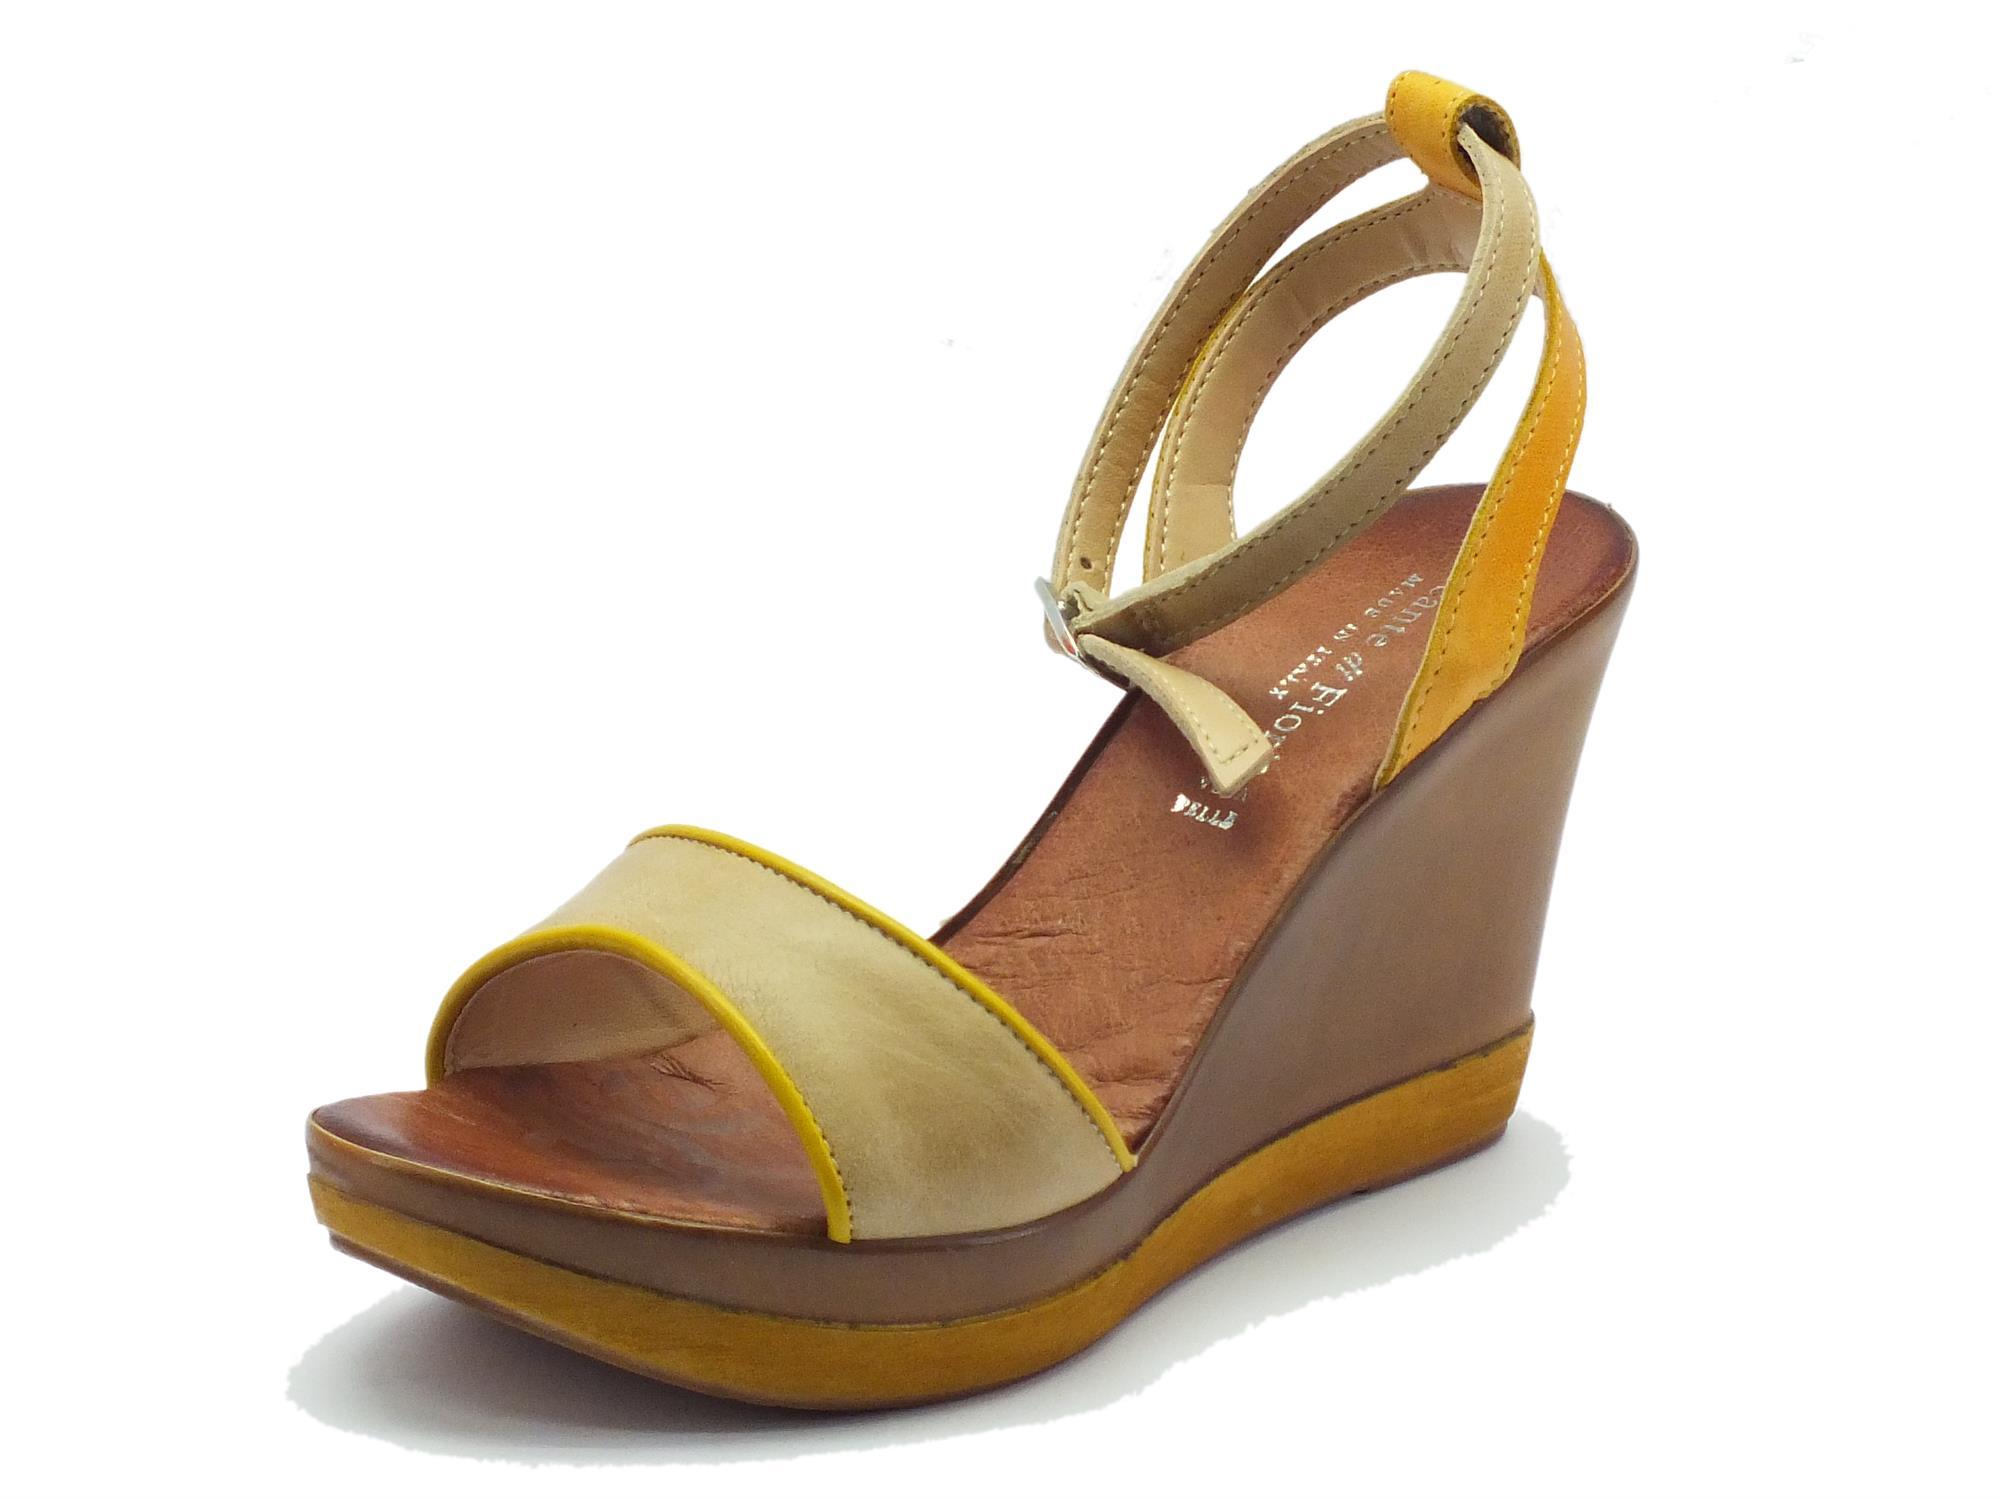 bd8a558aa3 Sandalo Mercante di Fiori in pelle beige e gialla con zeppa alta